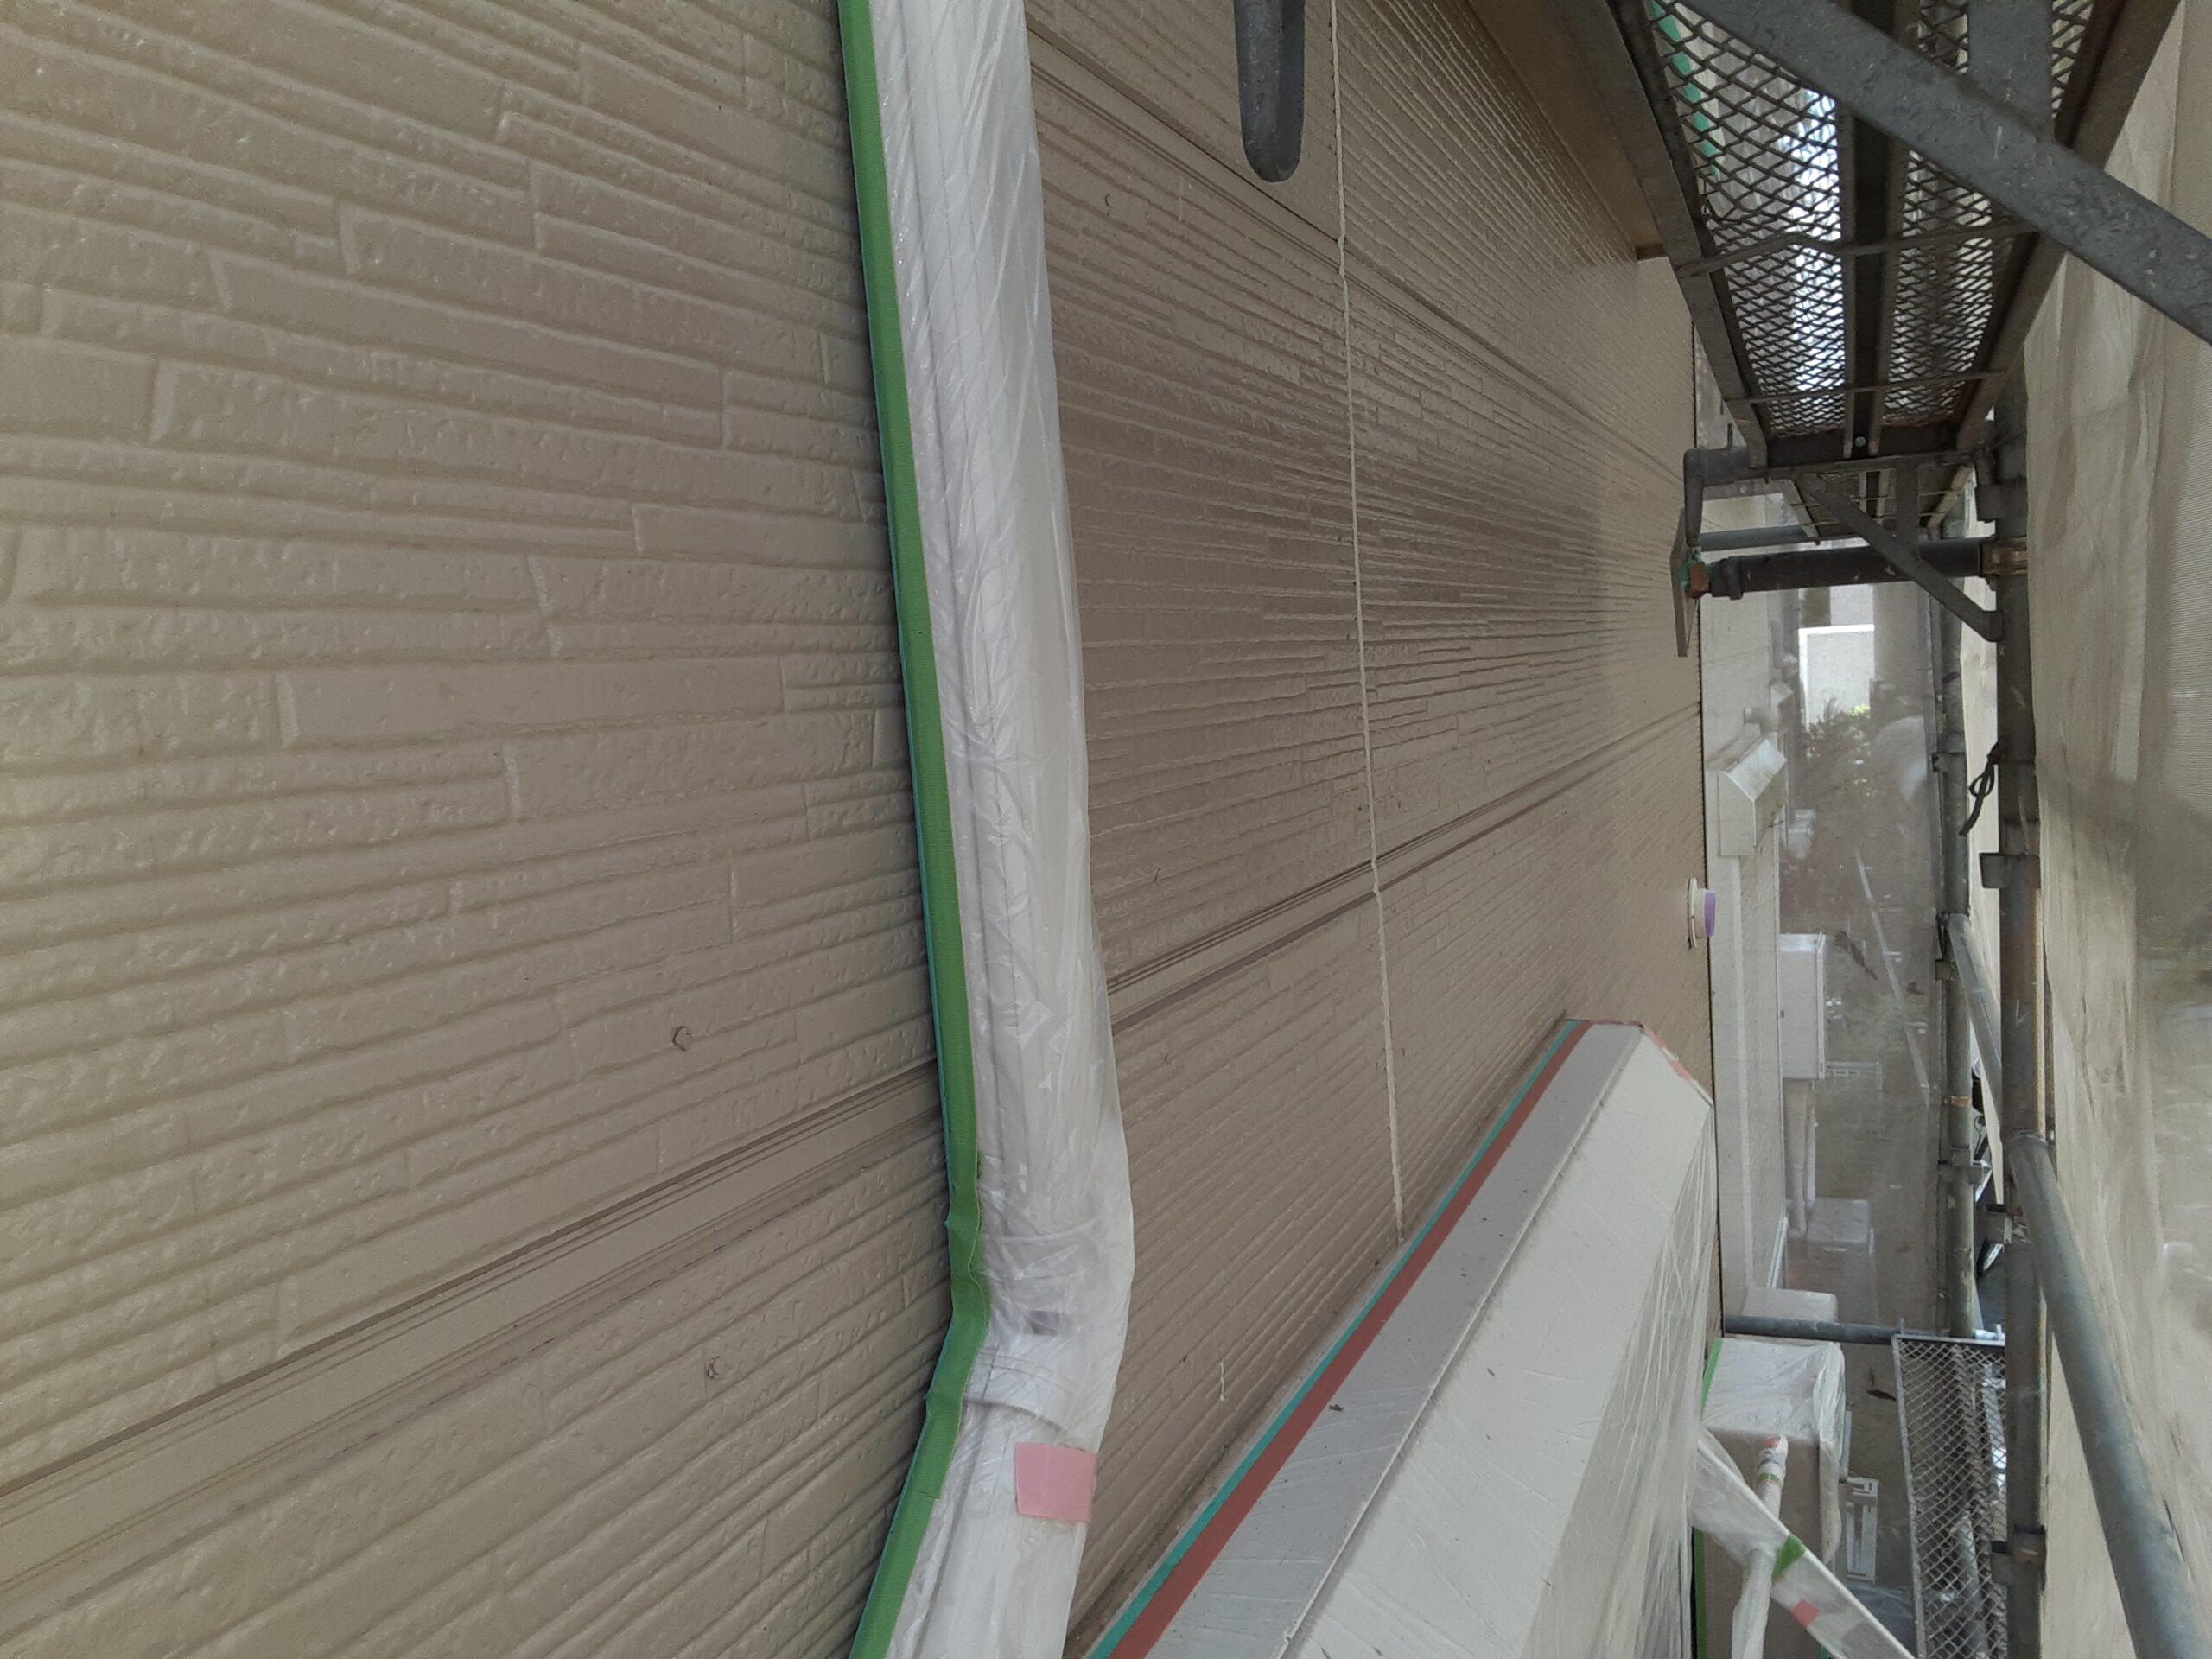 埼玉県さいたま市桜区の(木造3階建て)W様邸にて外壁の塗装工事